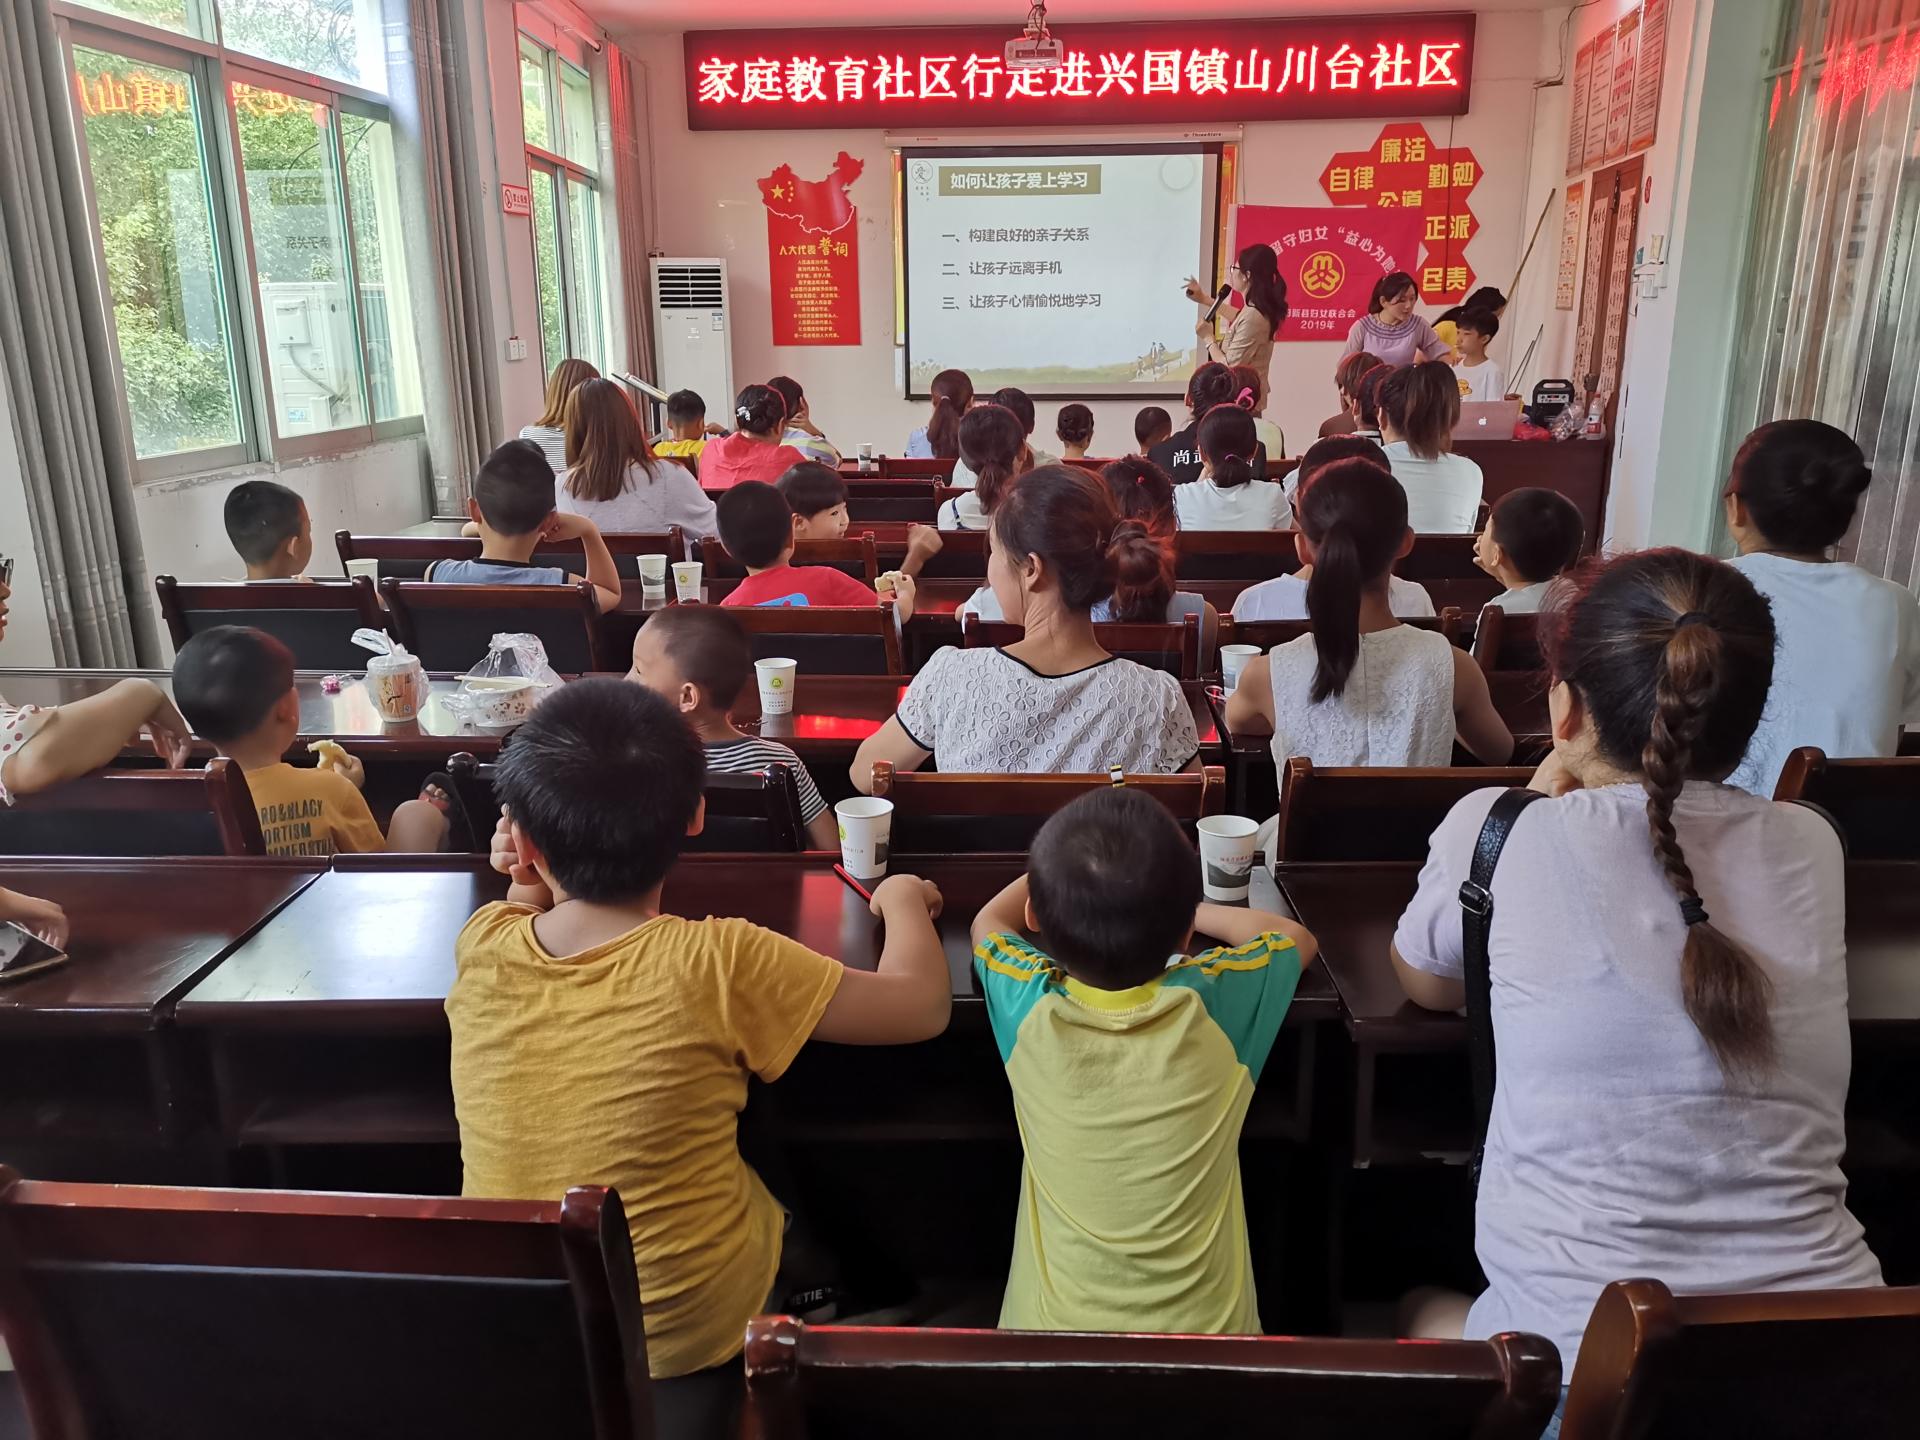 阳新新闻:山川台社区开展《如何提高孩子的学习力》知识讲座